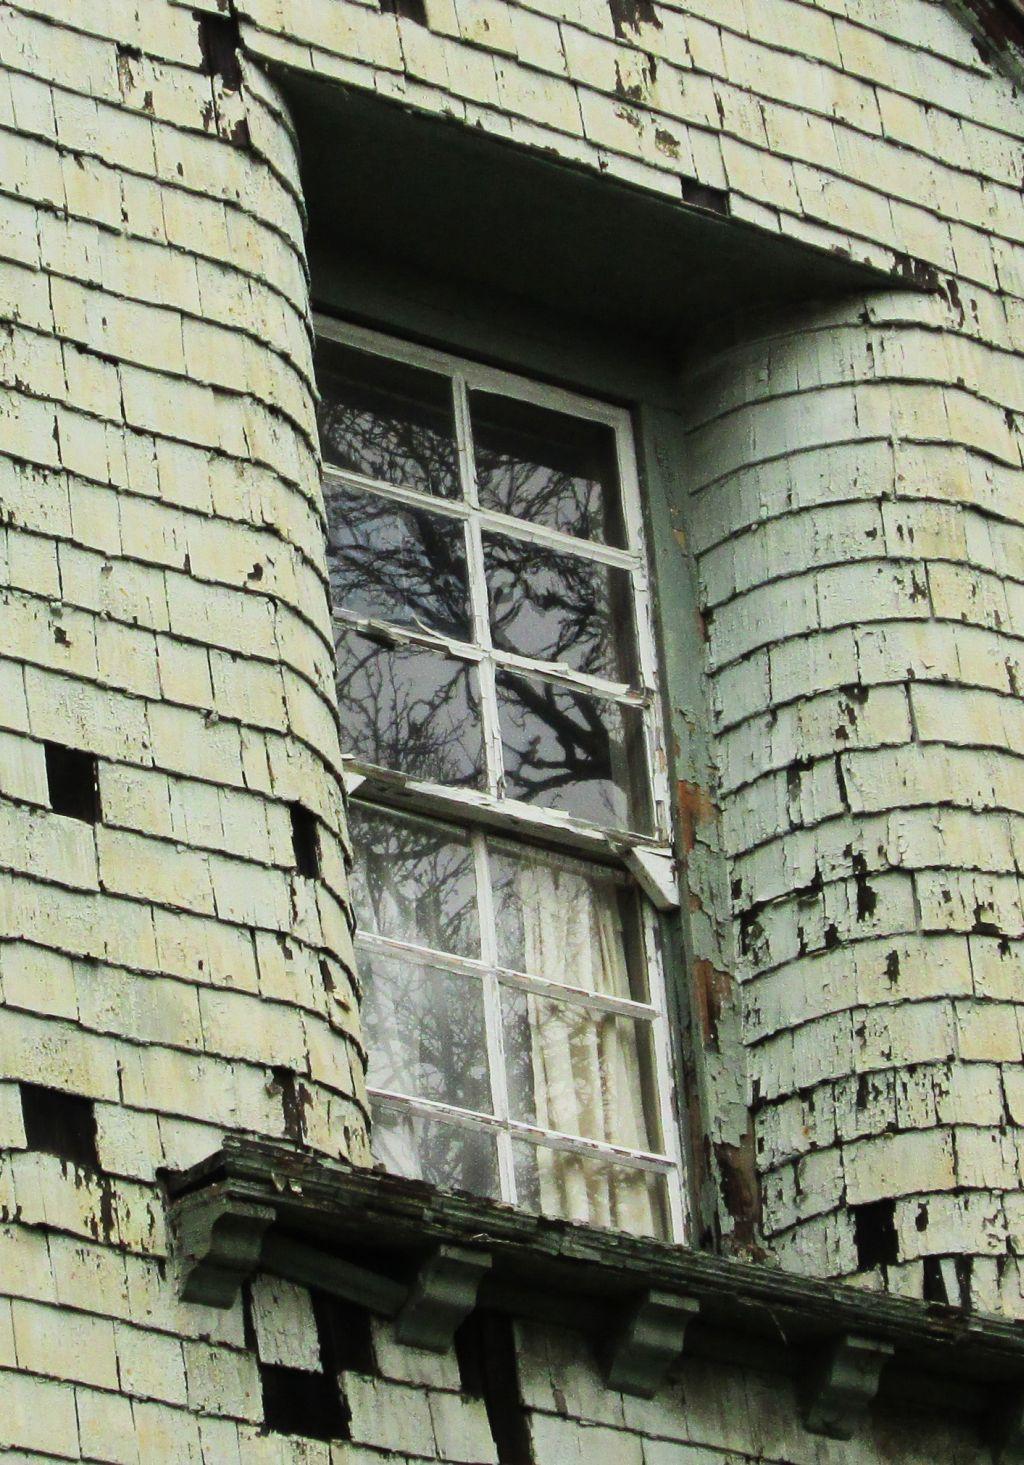 Altes Fenster benötigt dringend energetische Sanierung